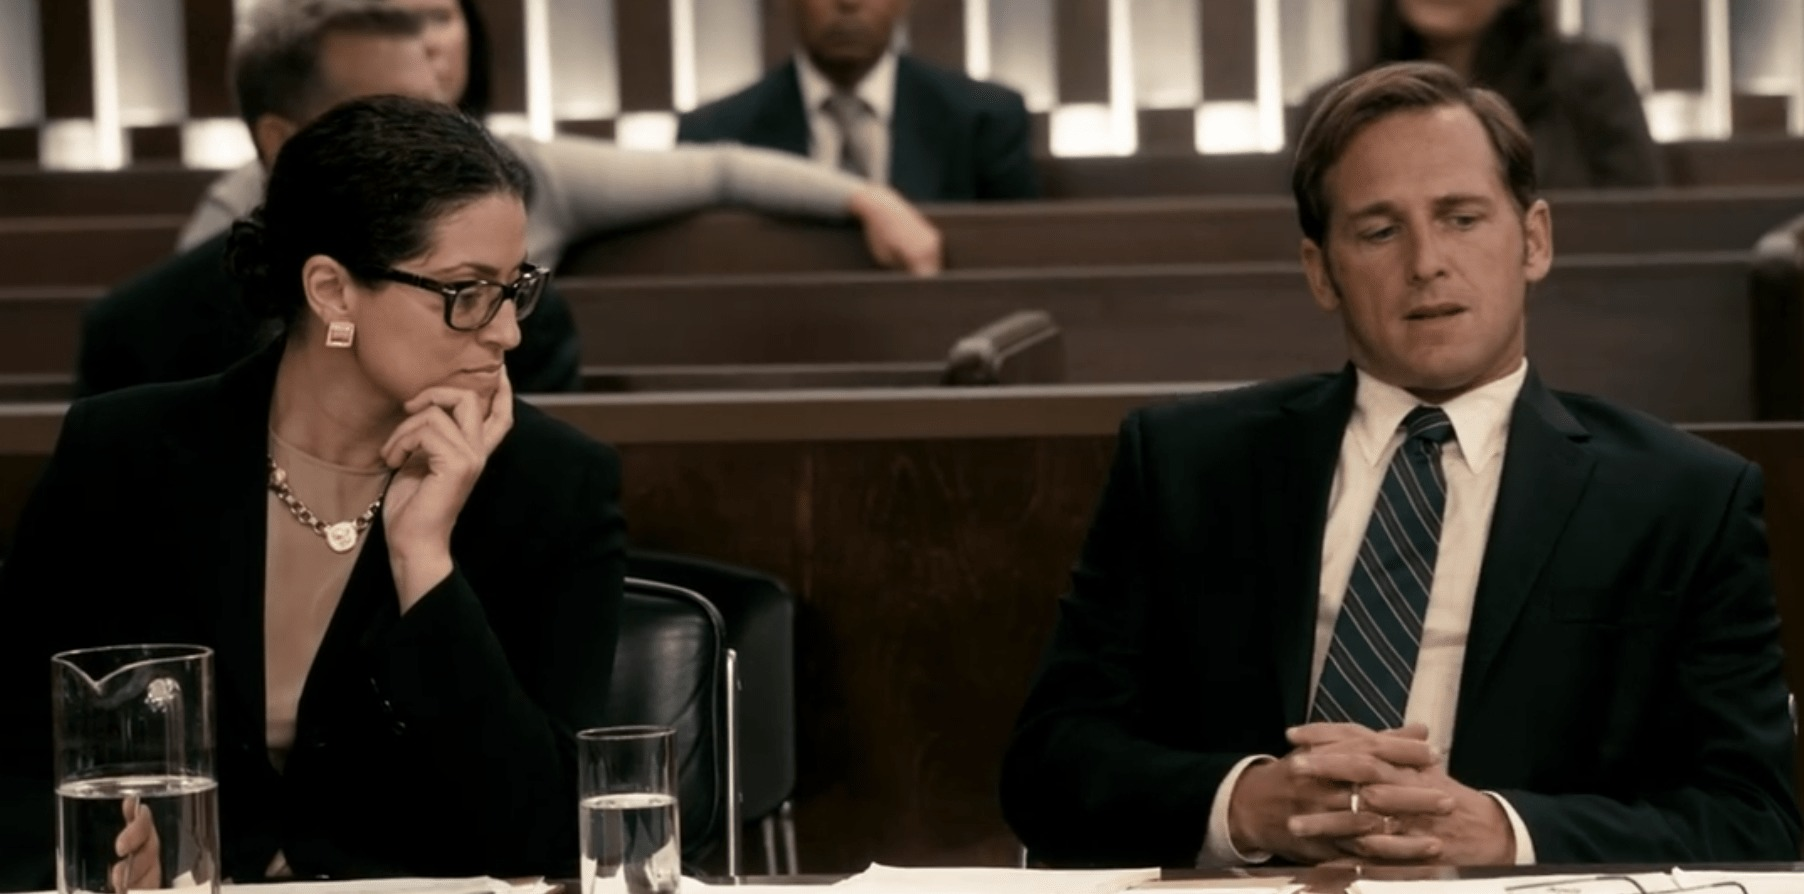 リンカーン弁護士を無料動画でネタバレ紹介する記事